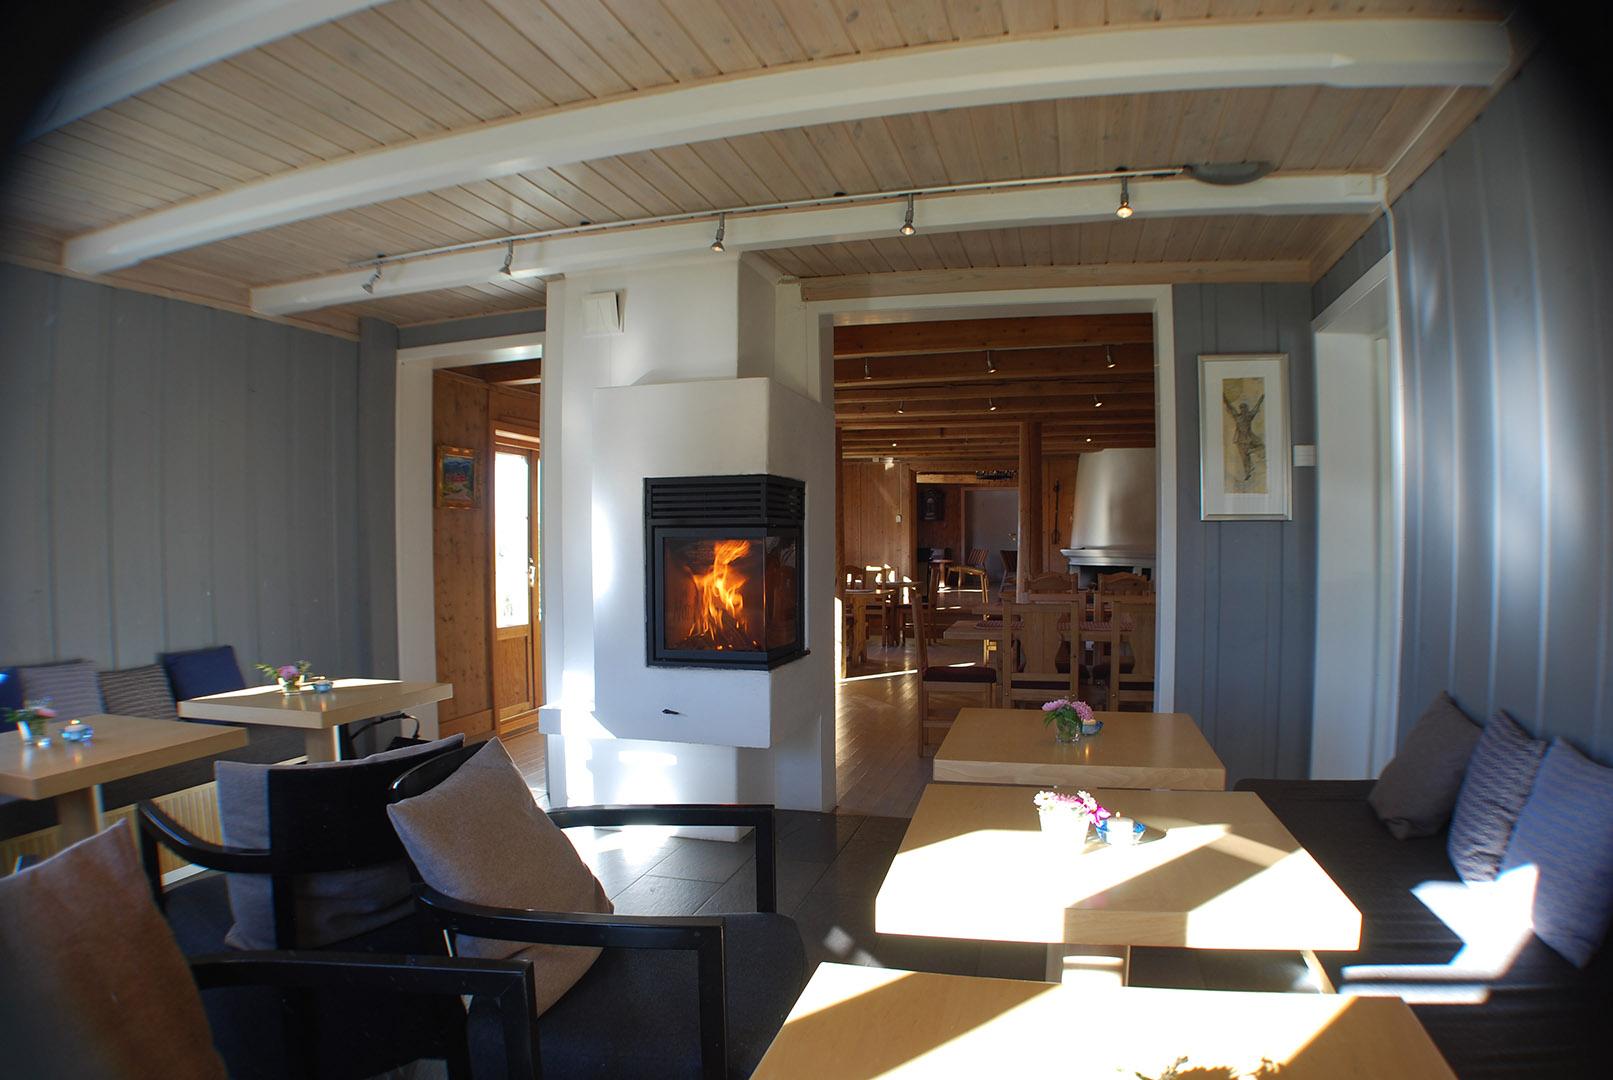 3_NordpaaFjellhotell_6_blaastua_NordpaaFjellhotell